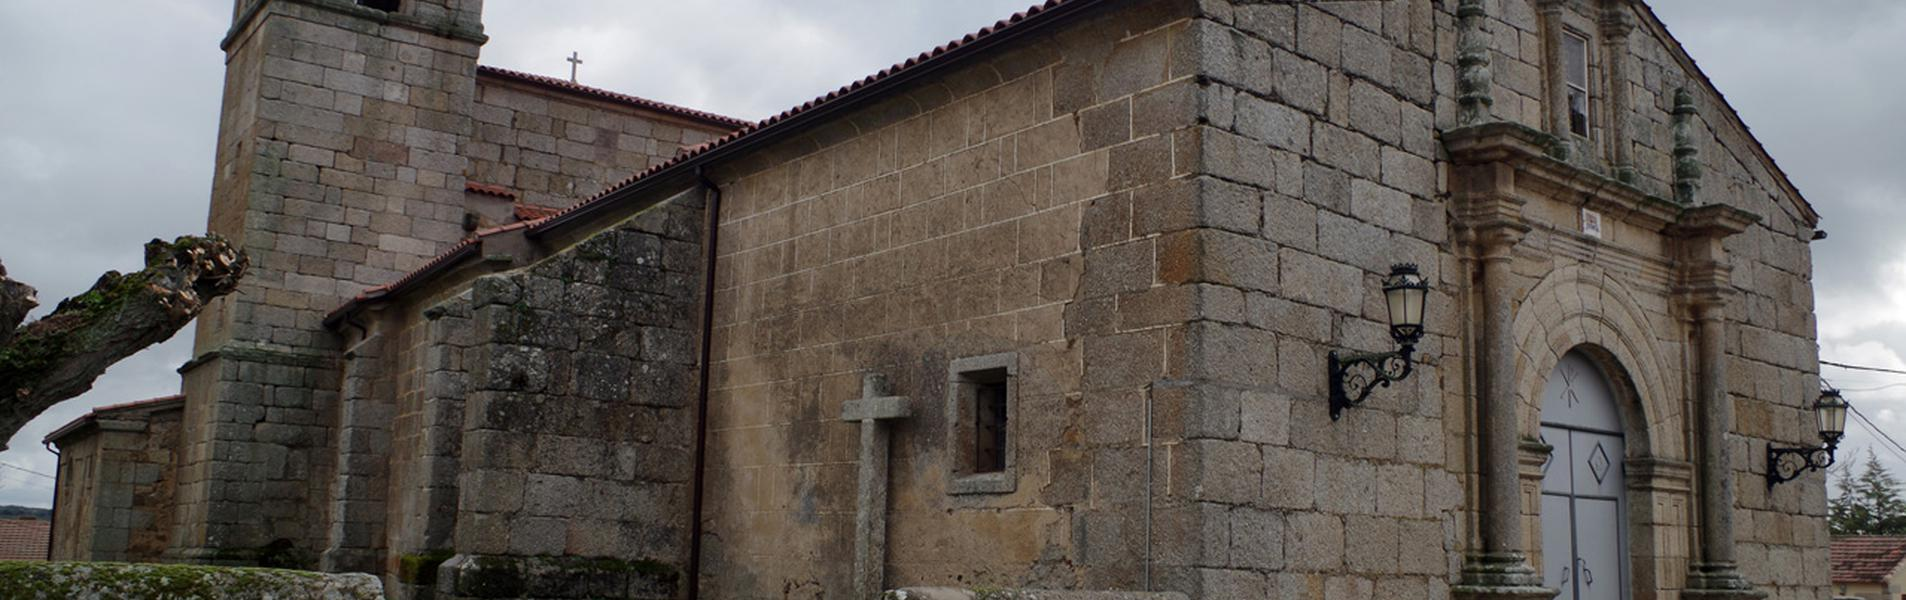 Aldea del Obispo